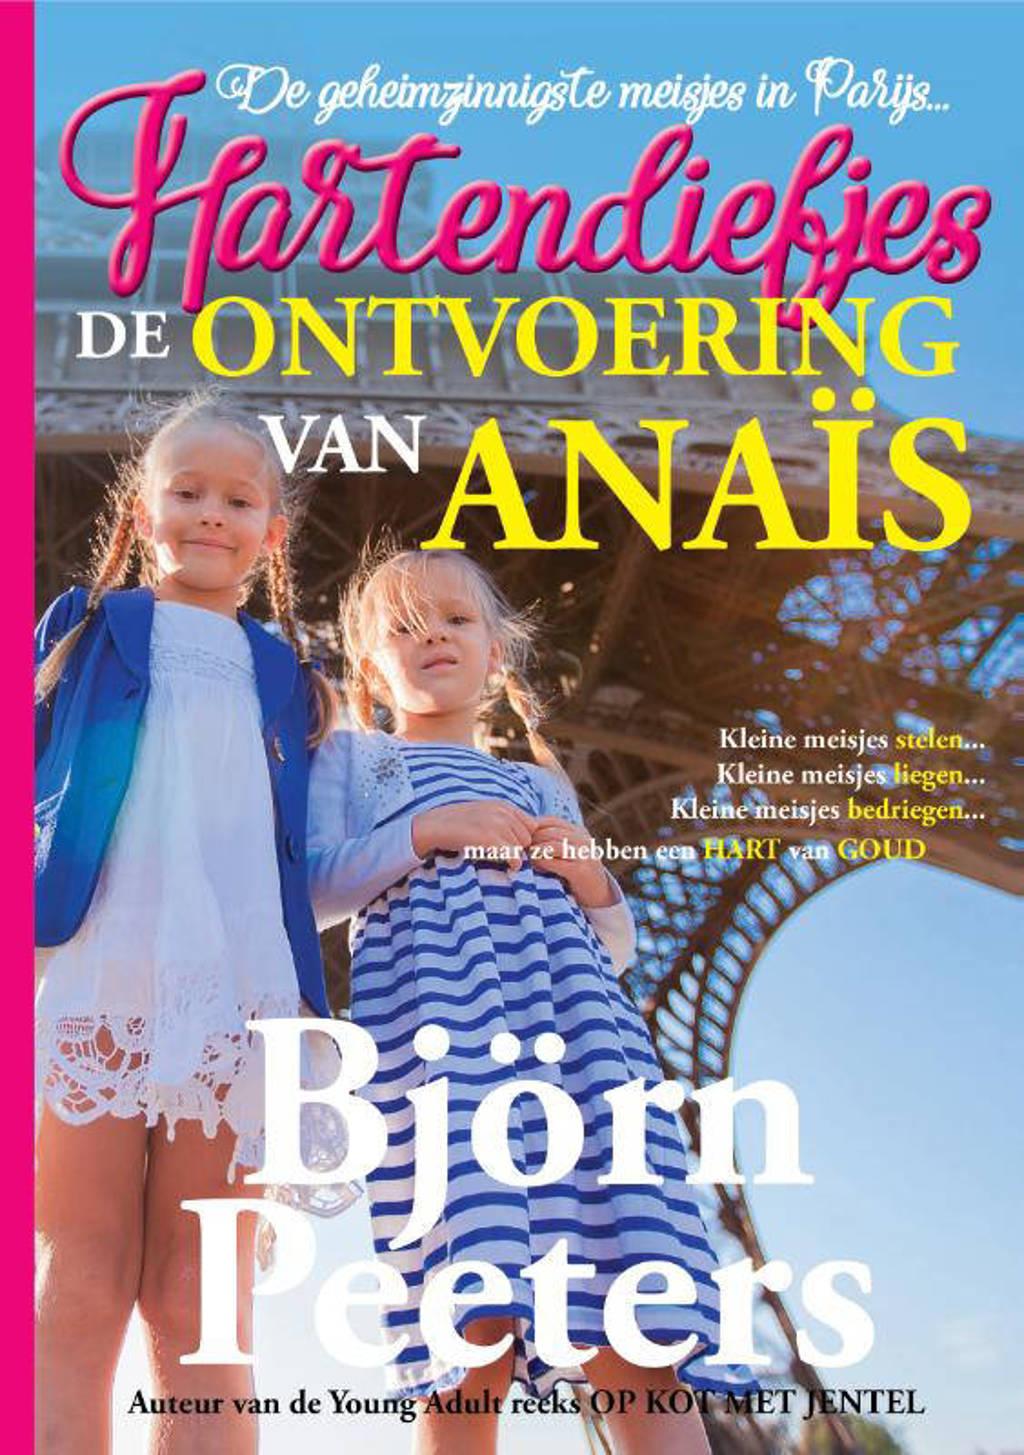 Hartendiefjes: De ontvoering van Anaïs - Björn Peeters